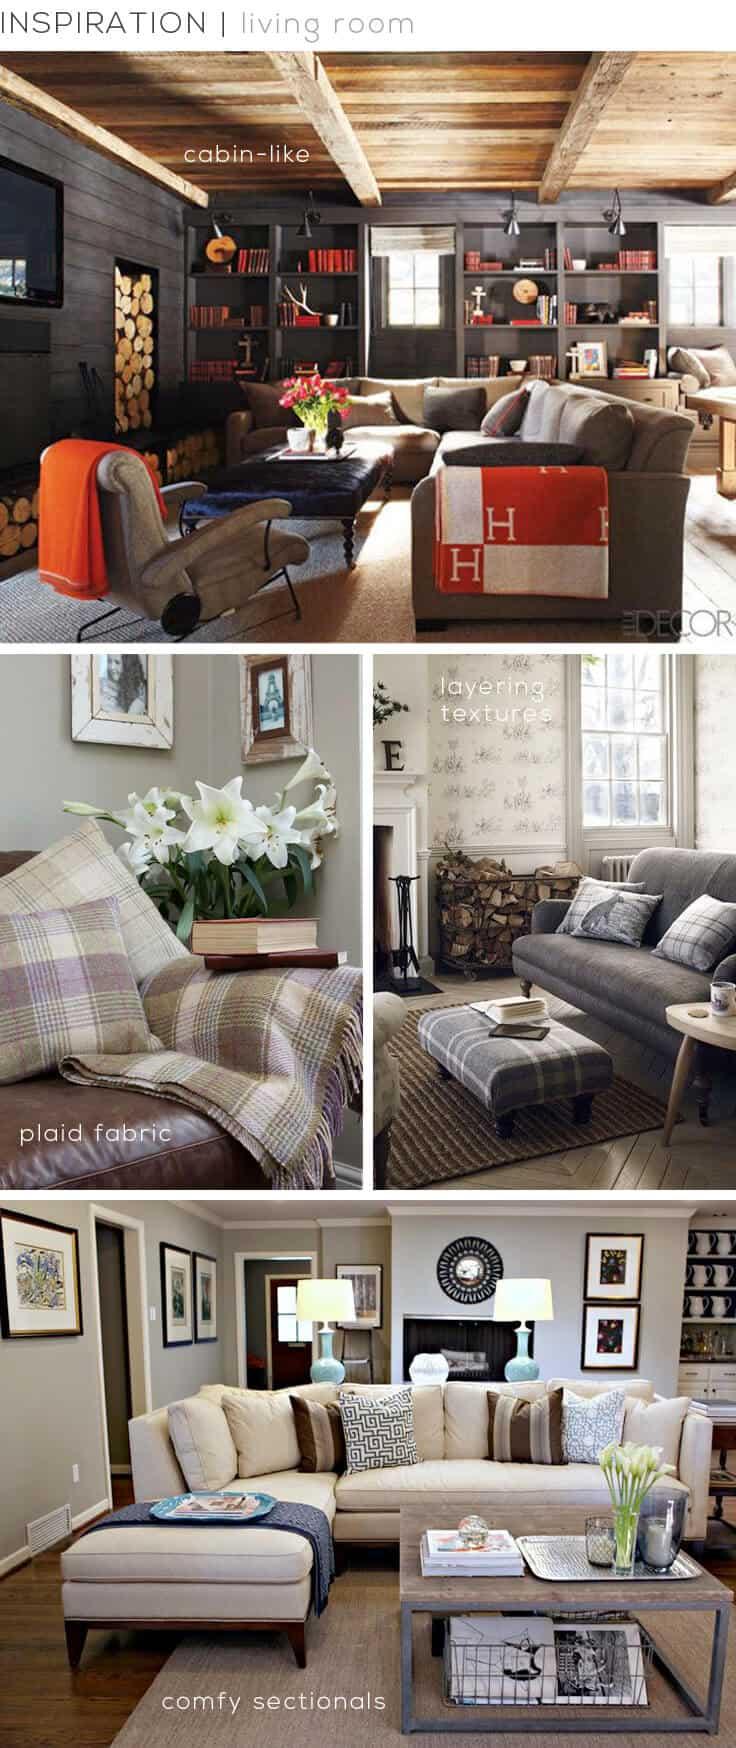 FAMILY SHELTER INSPIRATION LIVING ROOM 2